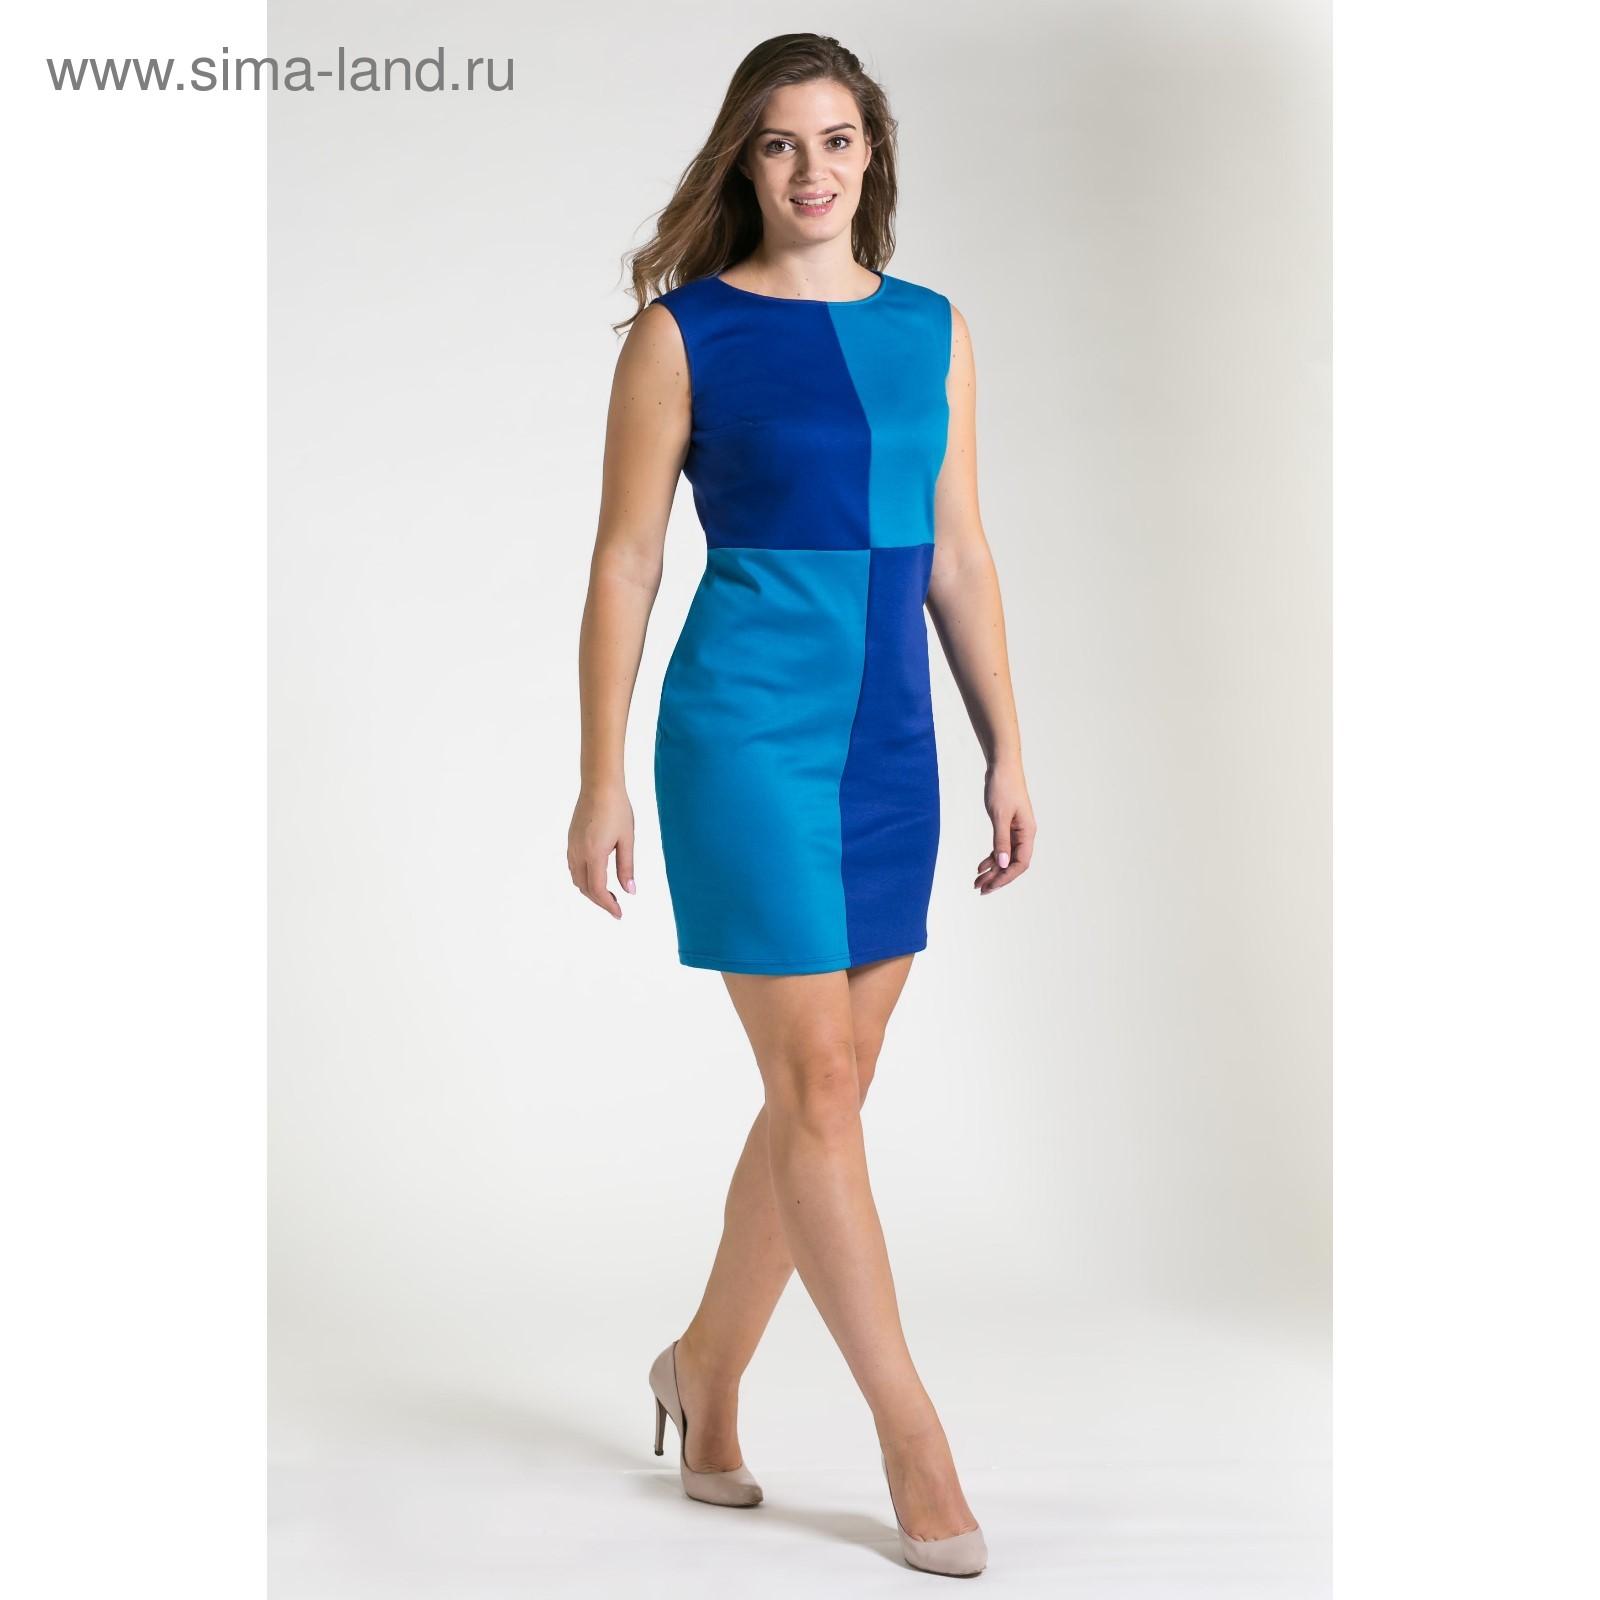 a3c7815f605 Платье-футляр женское арт. цвет голубой синий